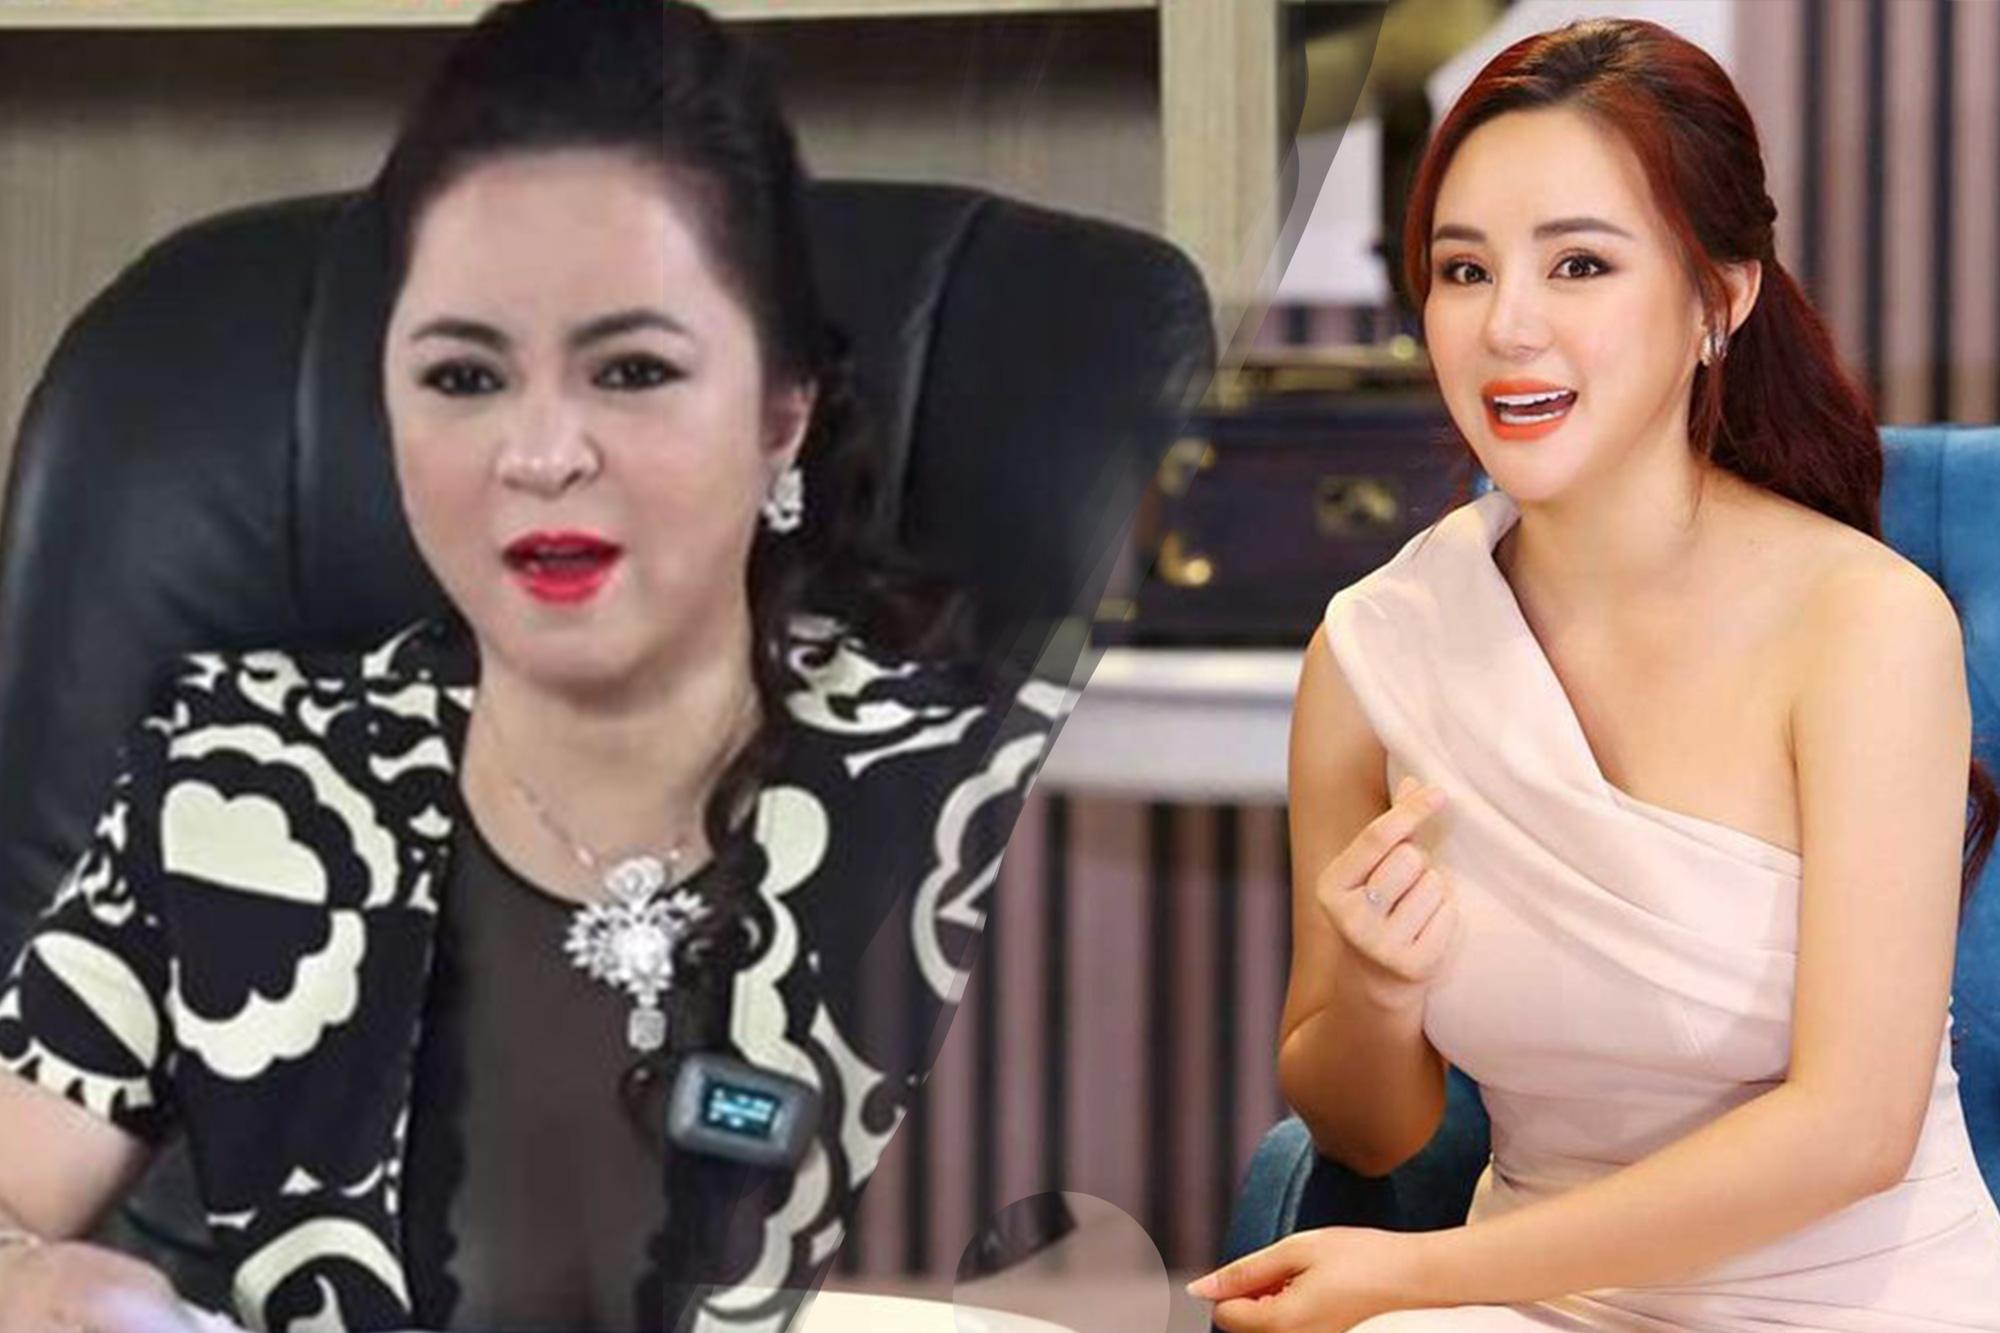 Ca sĩ Vy Oanh nộp đơn tố cáo bà Nguyễn Phương Hằng  vu khống, xúc phạm - Ảnh 2.